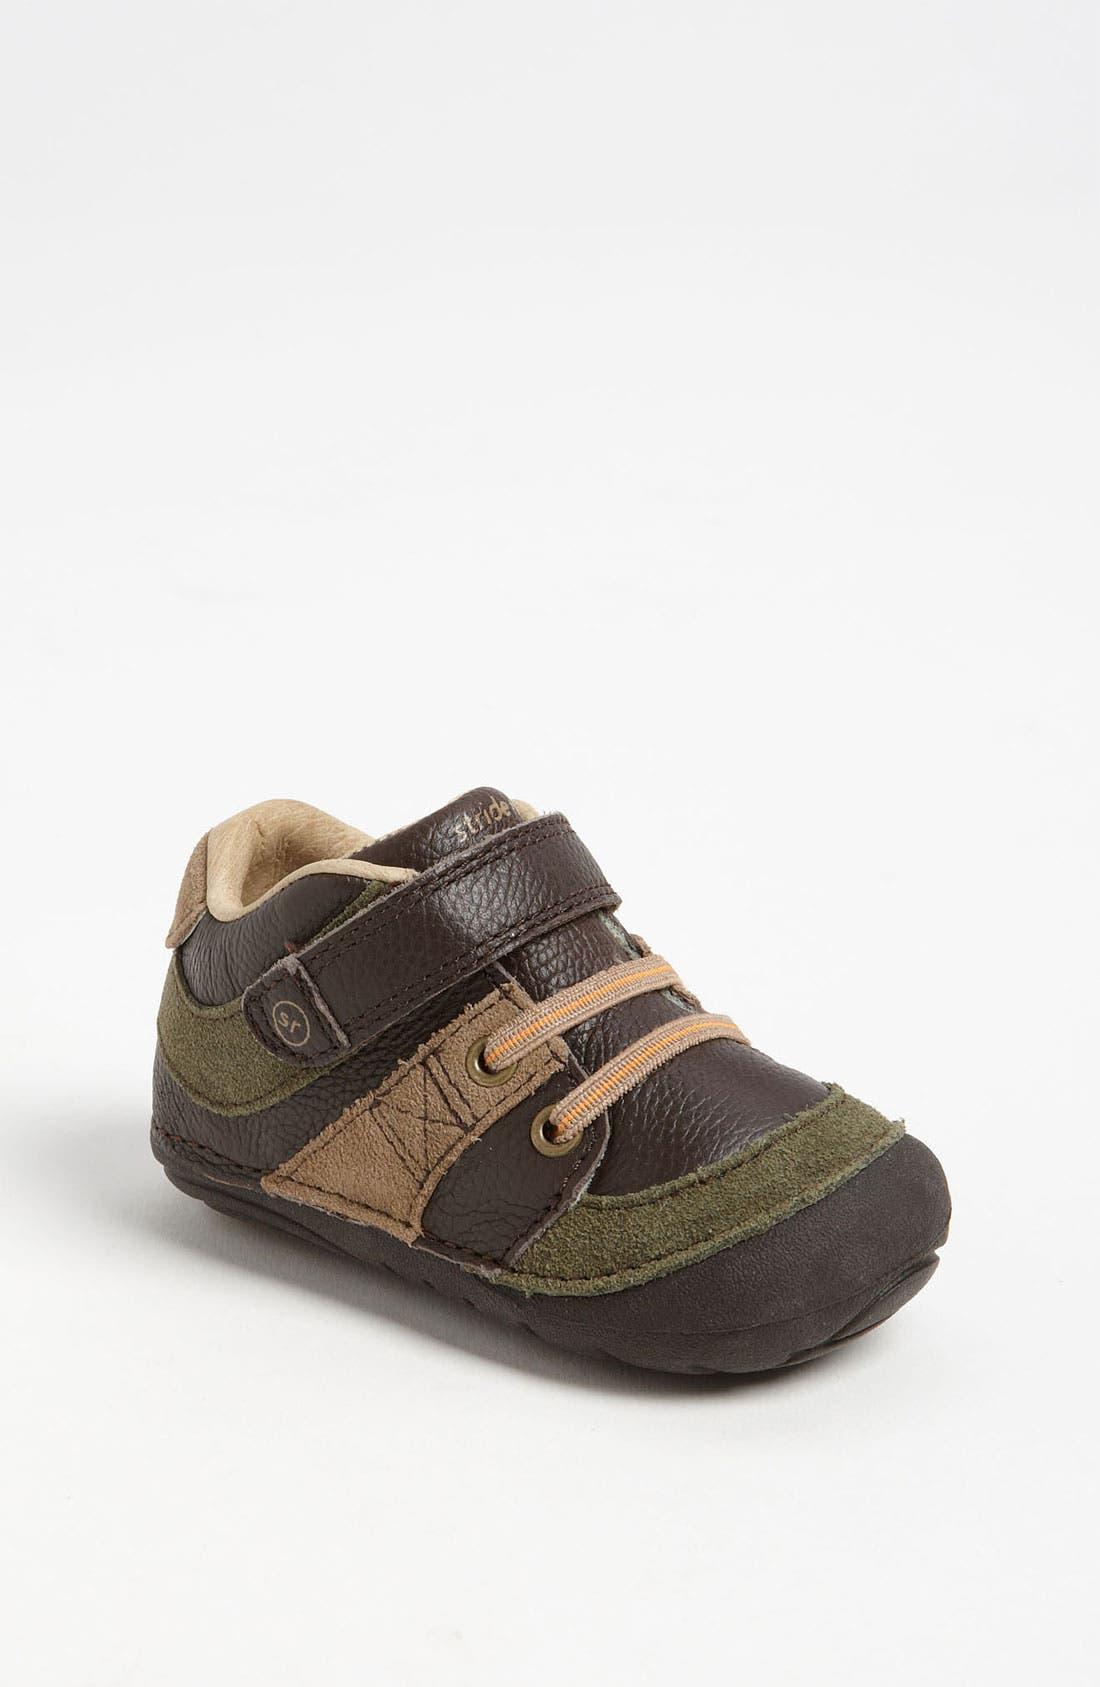 Main Image - Stride Rite 'Julien' Sneaker (Baby & Walker)